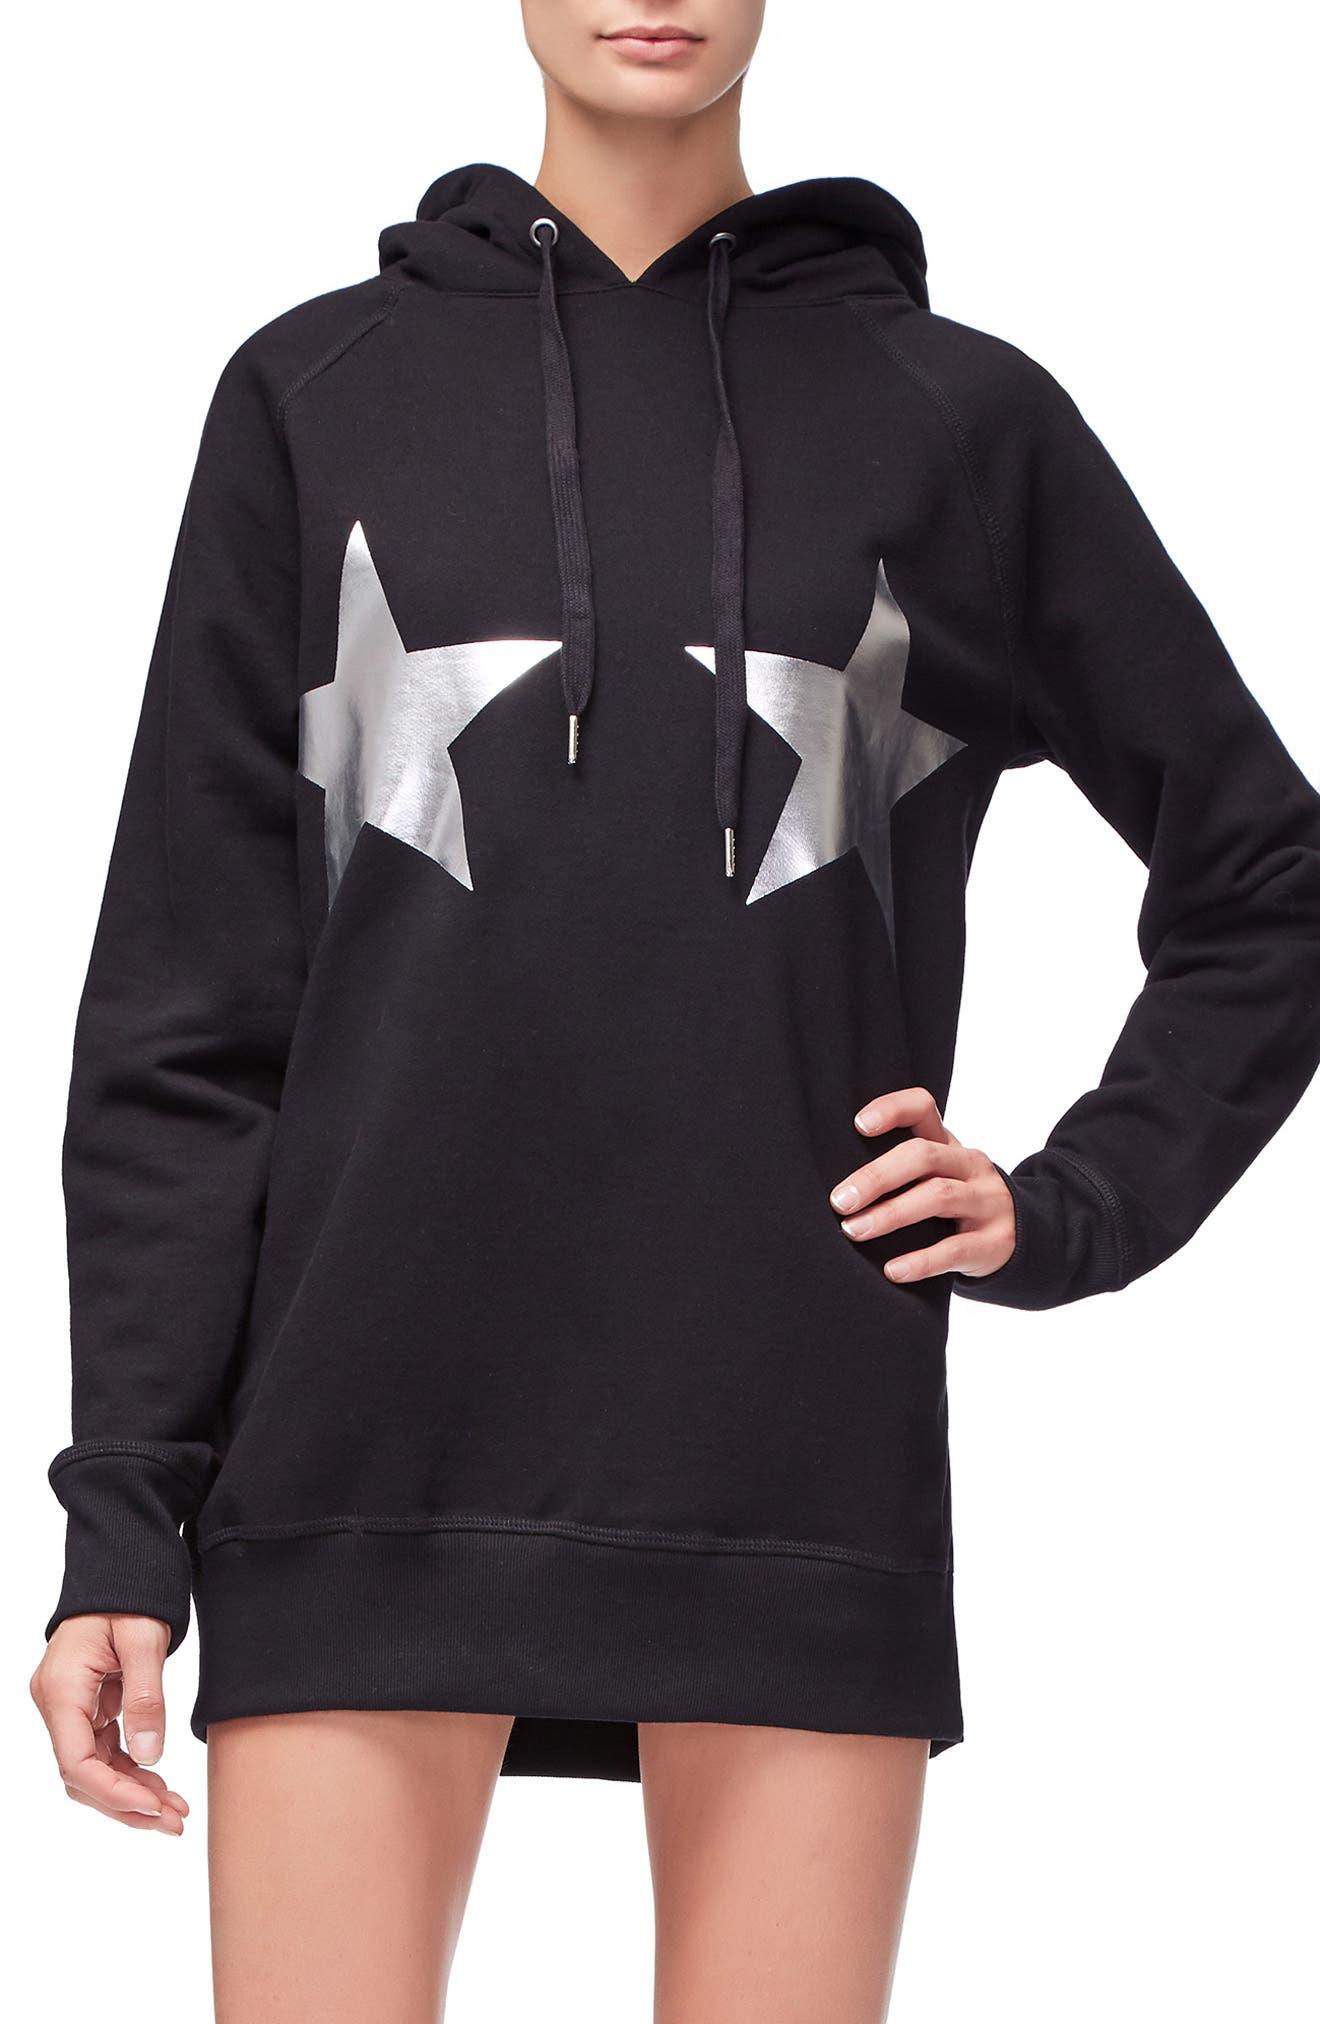 Good American Goodies Stars & Stripes Hoodie, /1 - Black